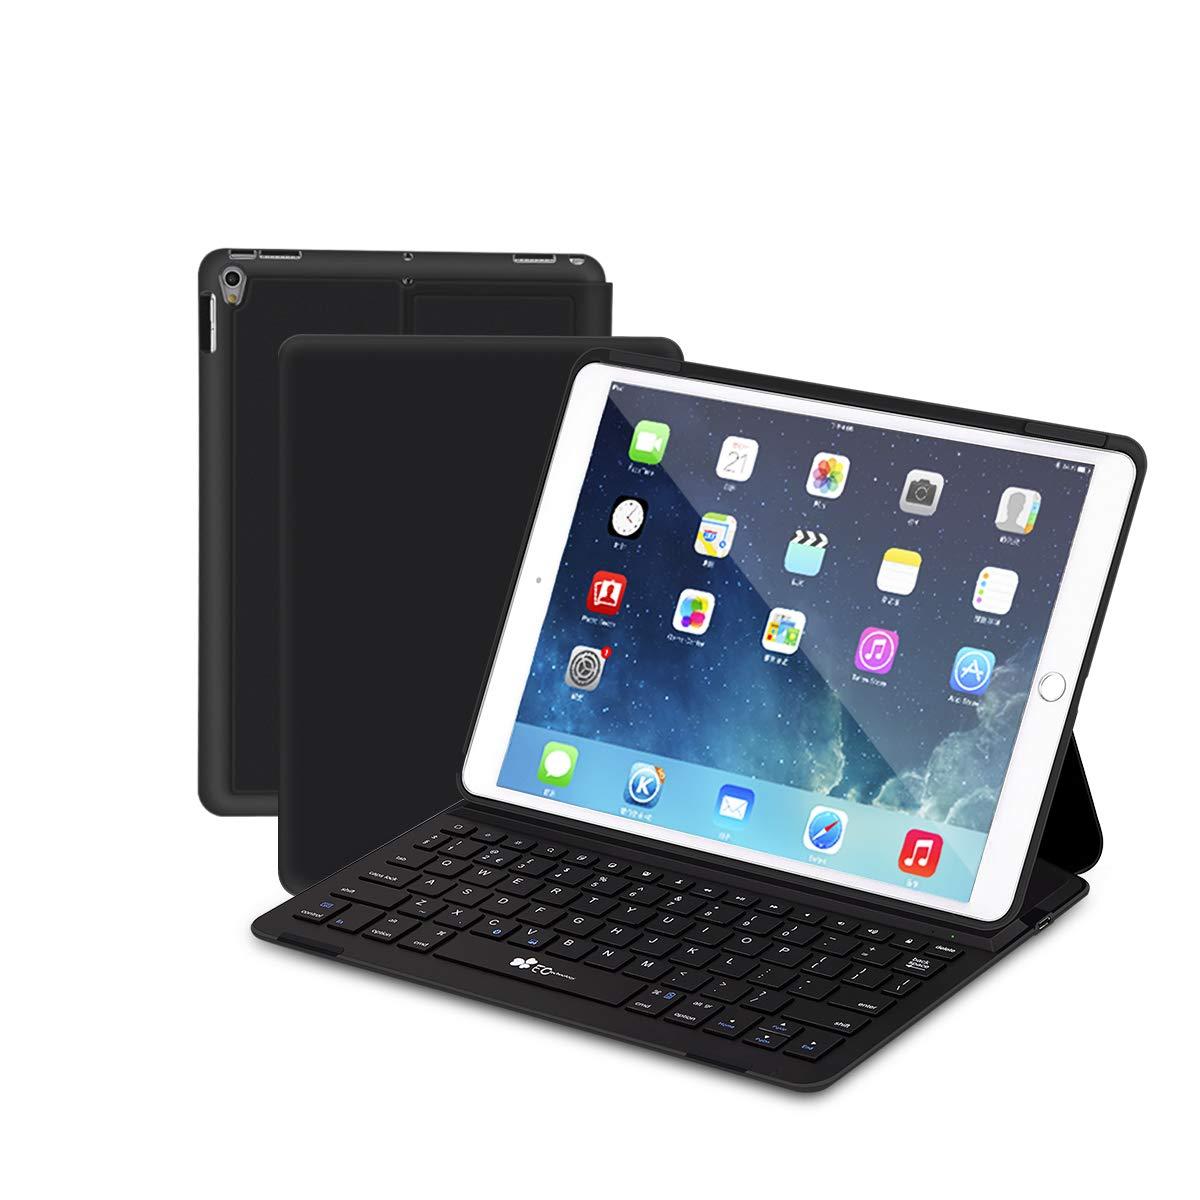 【お買い得!】 iPad Pro 10.5キーボードケース、Gachi超薄型軽量ワイヤレスBluetoothキーボード磁気スイッチとマルチアングルスタンド互換性のあるiPad Pro iPad B07Q1P44R6 10.5インチ2017&iPad Pro Air 10.5 2019タブレット B07Q1P44R6, UEDA BASE CAMP:944567b6 --- a0267596.xsph.ru